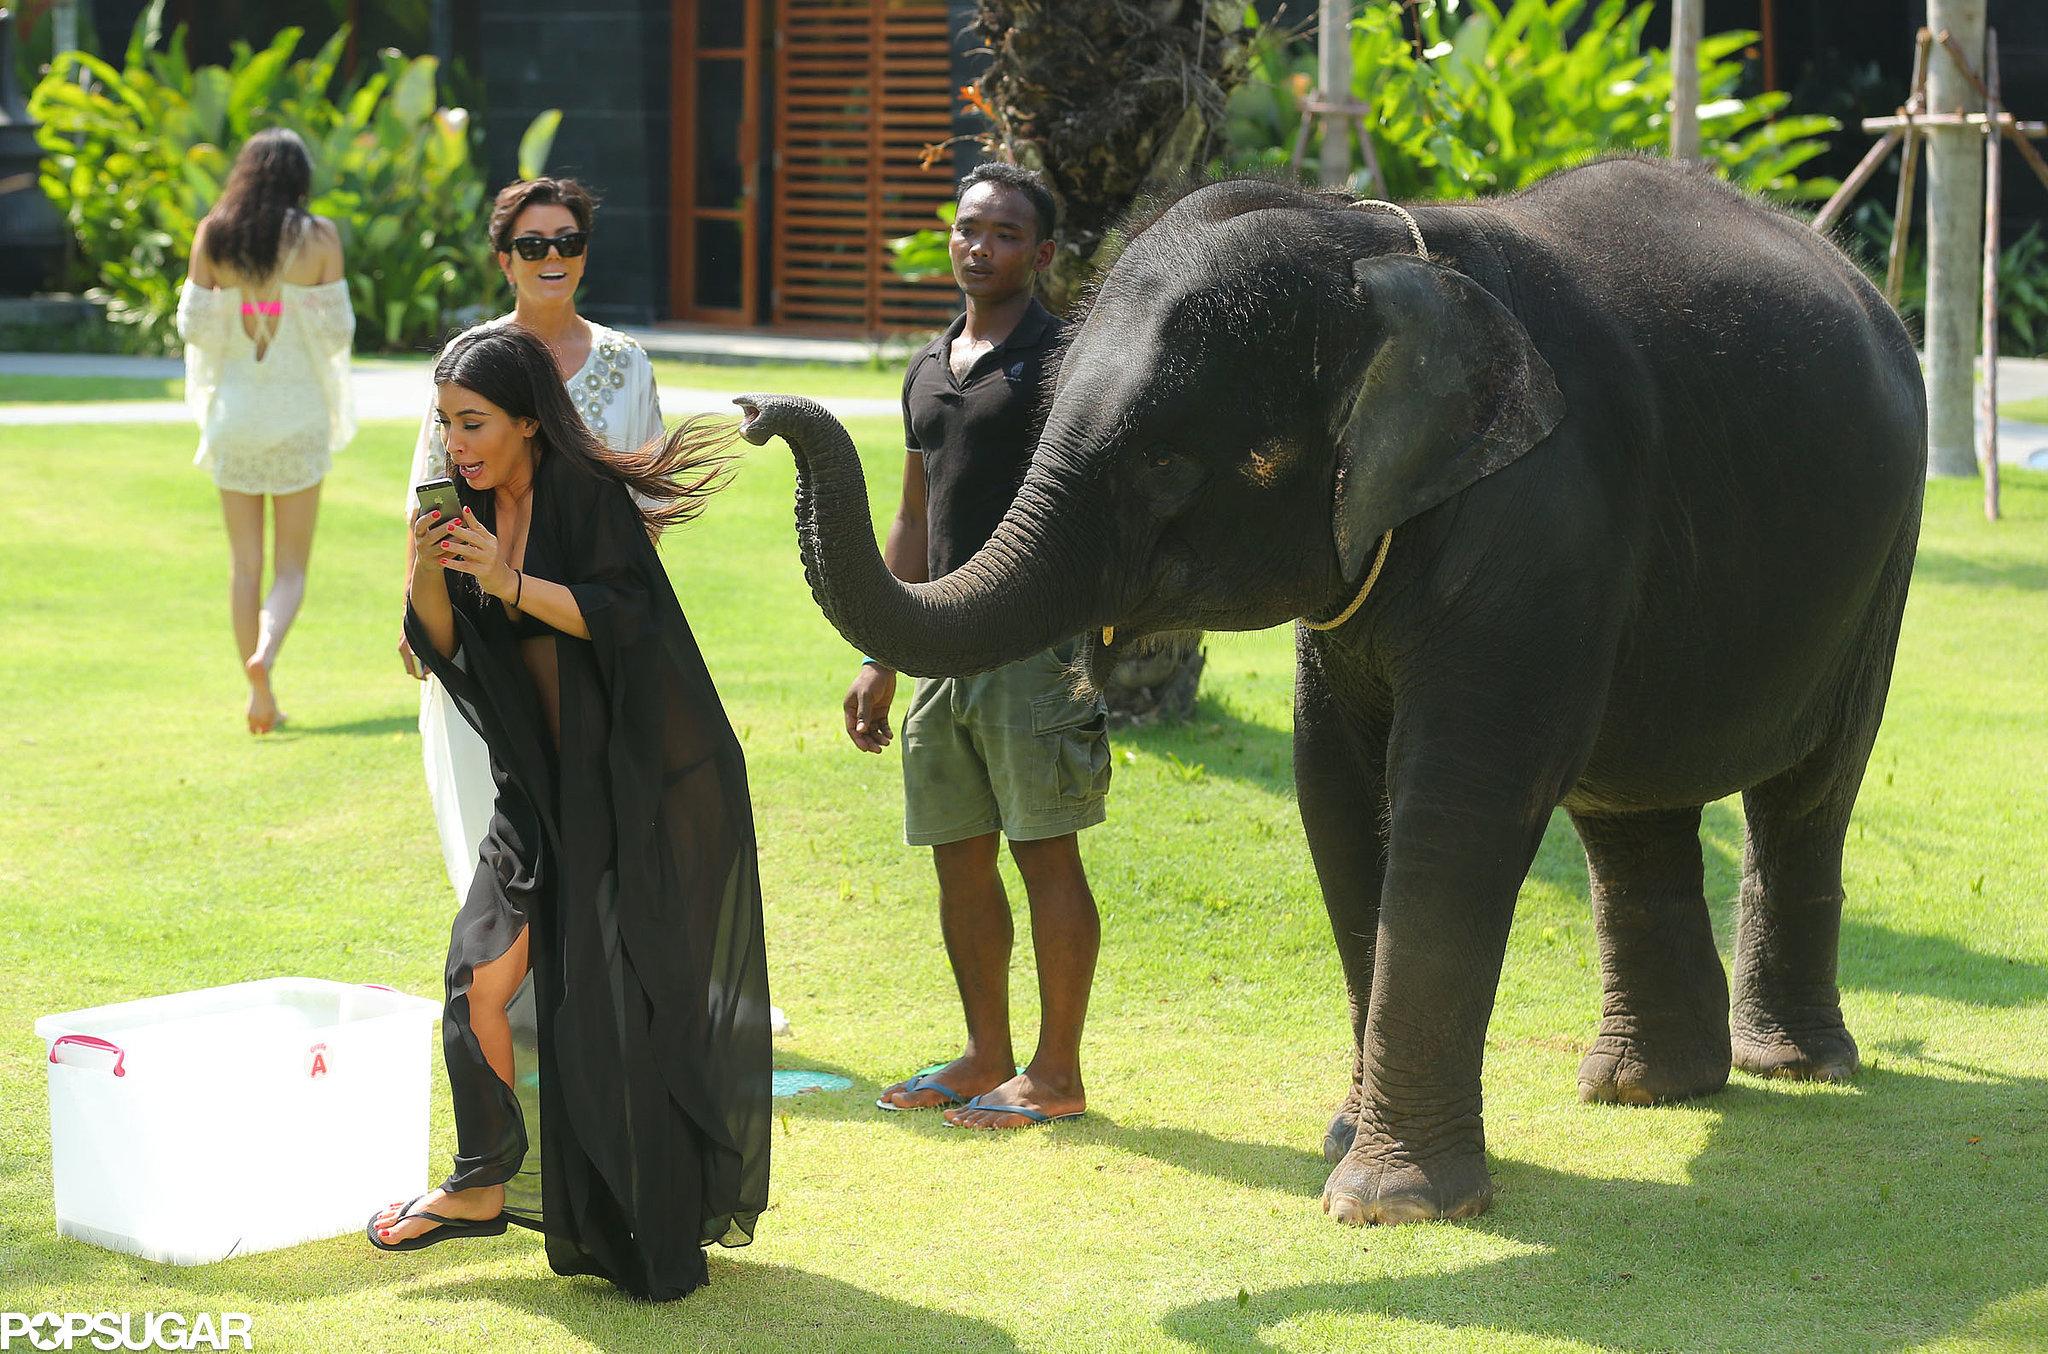 """Then the elephant was like, """"I said no photos!"""""""